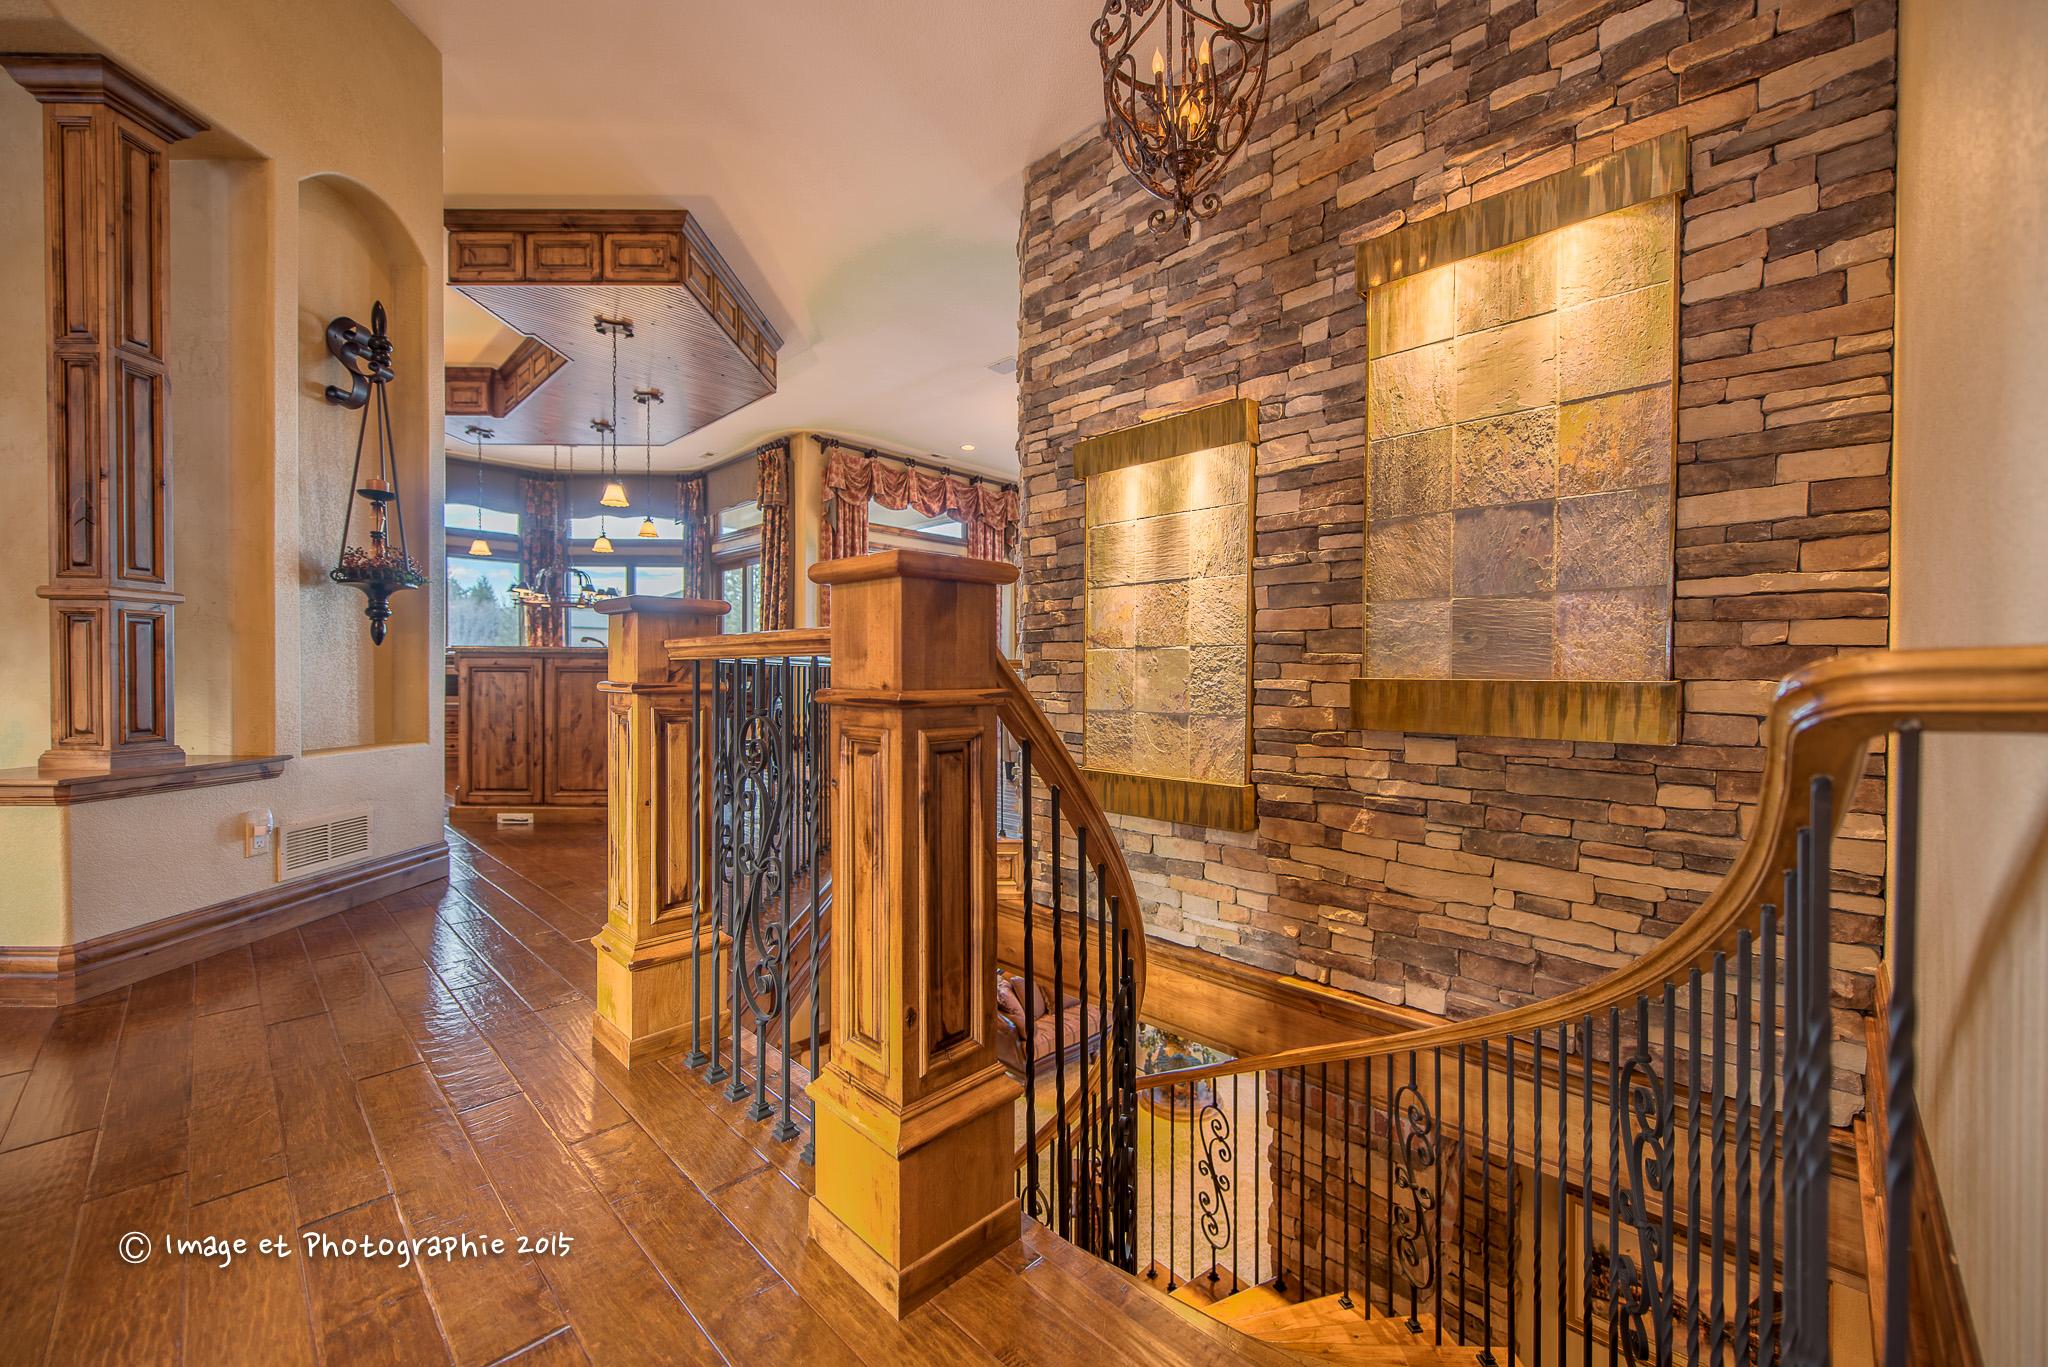 The Grand Foyer Will Transport : Grand foyer denver real estate photographer